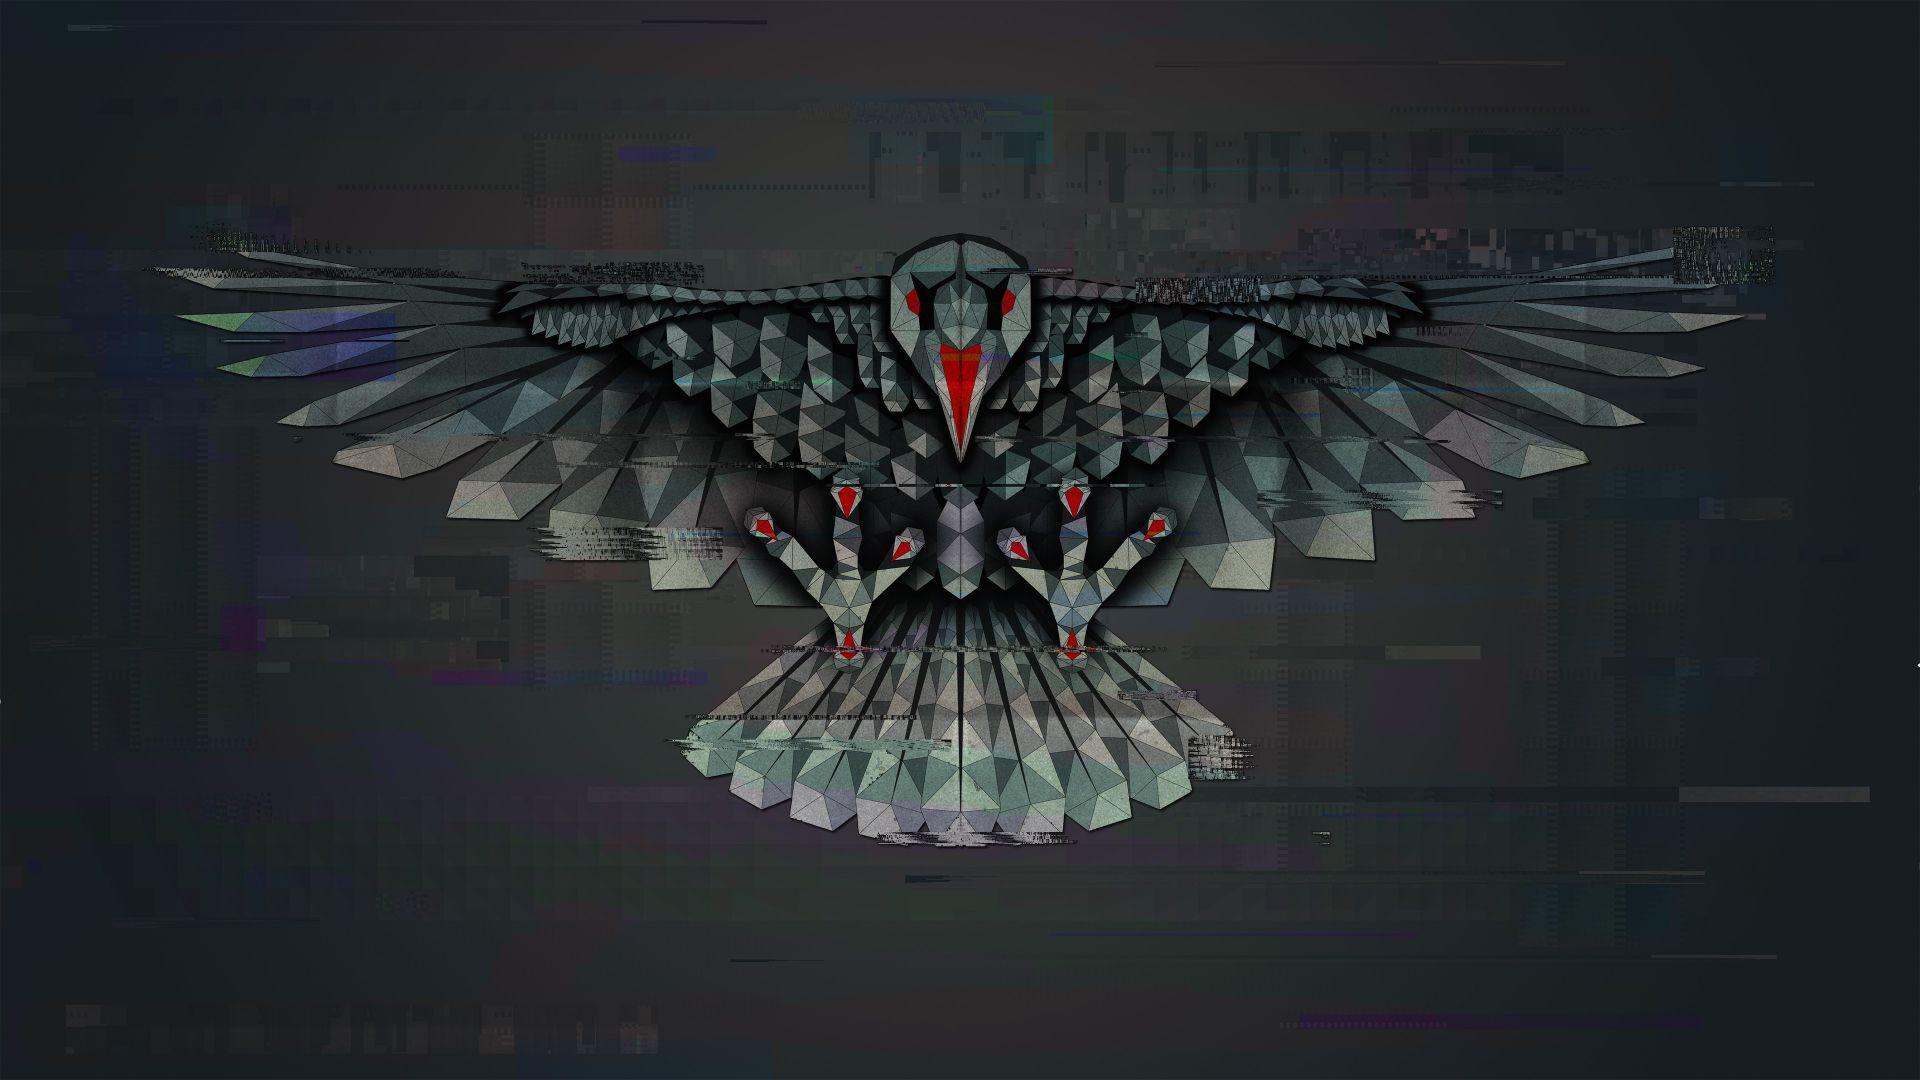 Wallpaper Crow, bird, abstract, glitch art